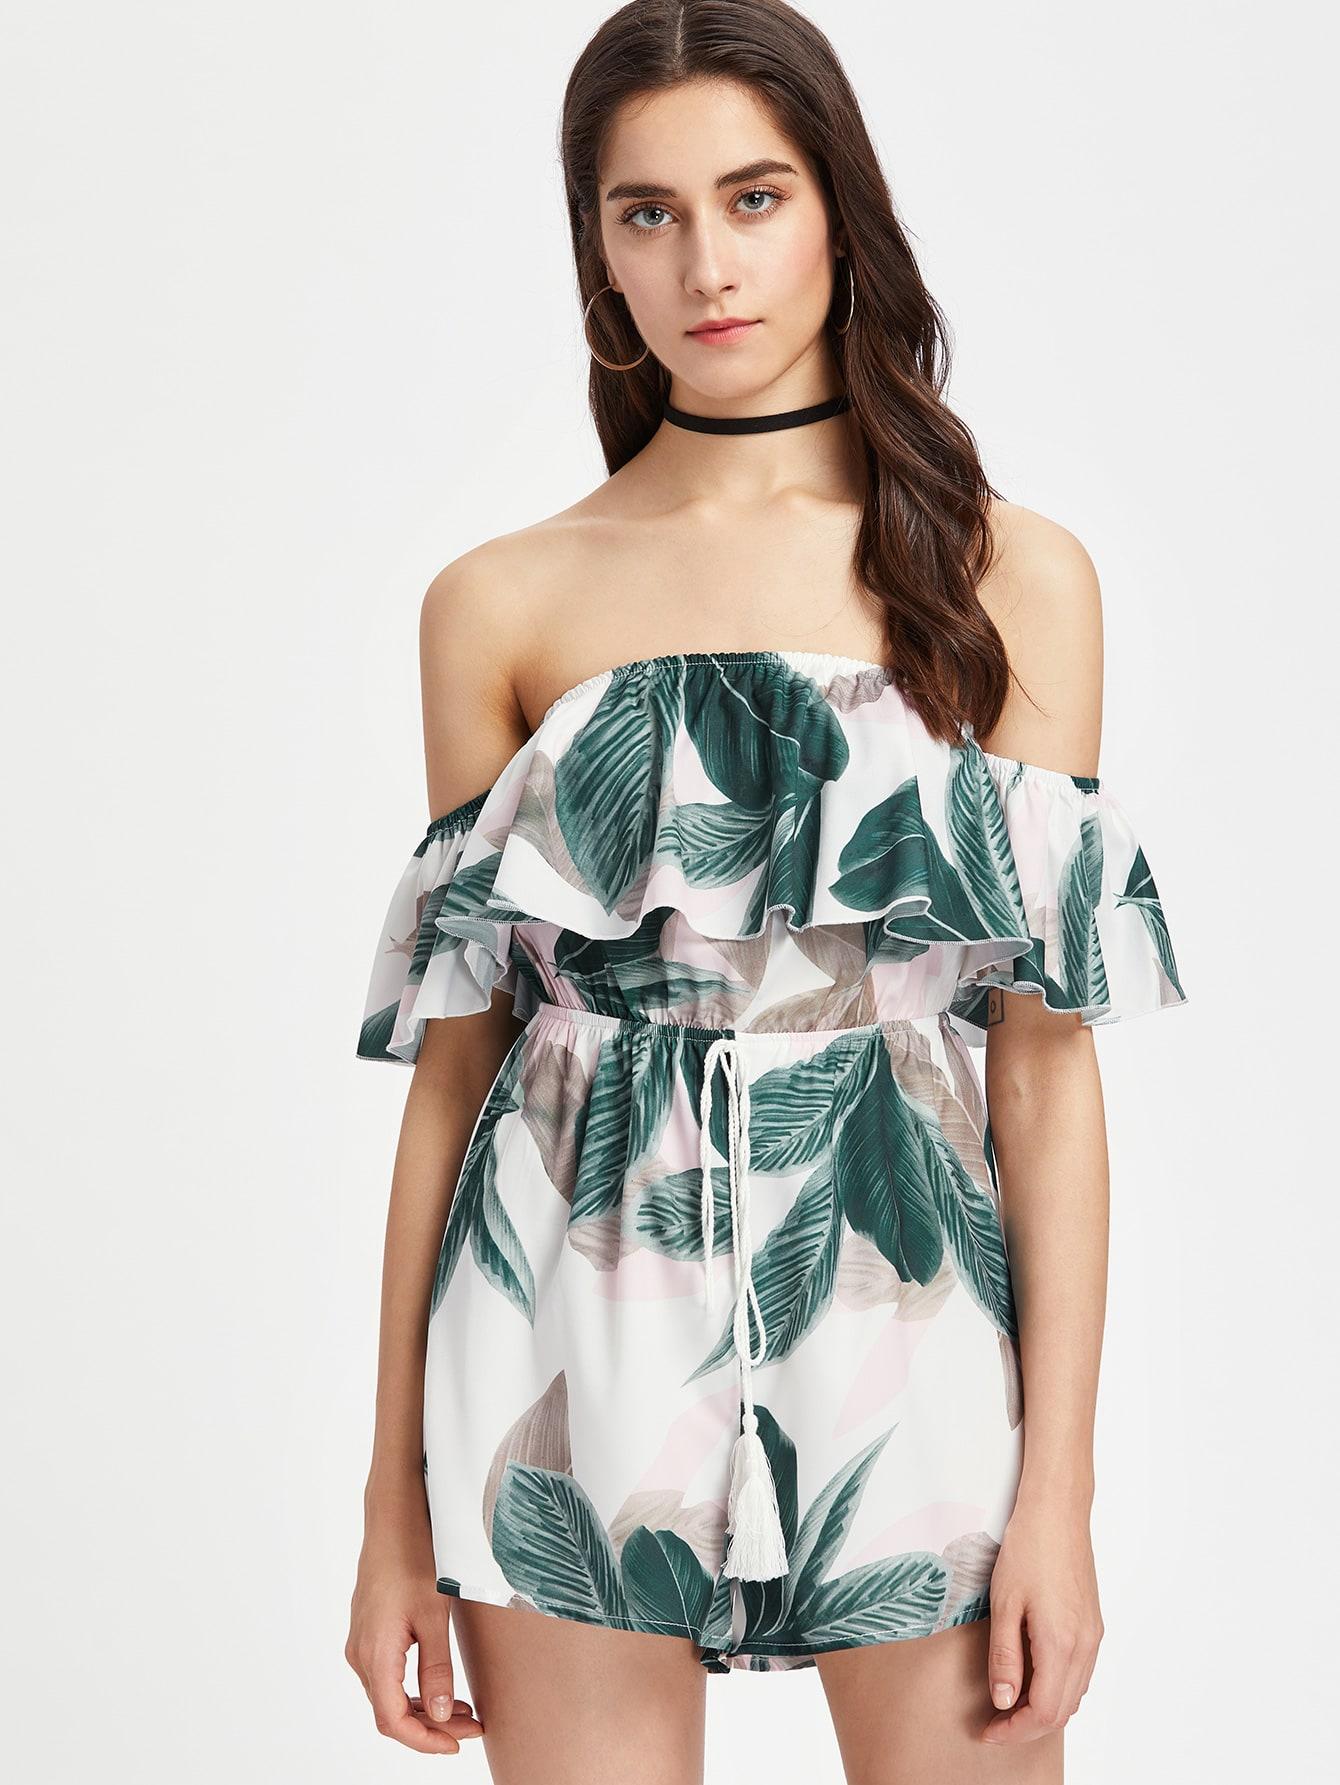 Bardot Tropical Print Playsuit jumpsuit170413407